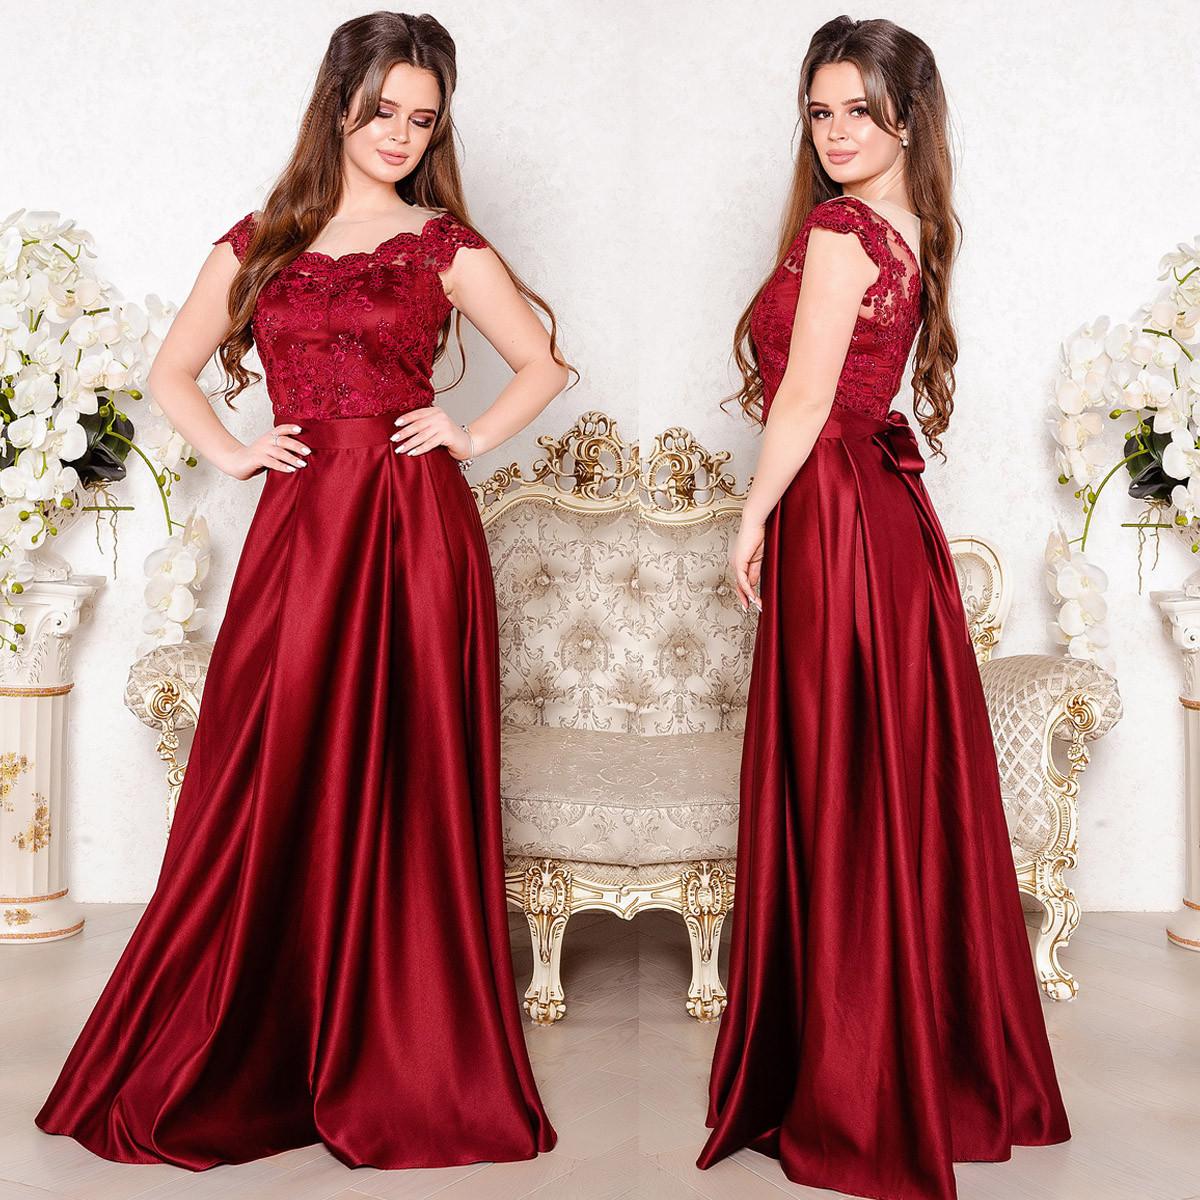 """Атласное длинное выпускное, вечернее платье с кружевом """"Персия люкс"""" - Интернет-магазин женской одежды """"ANNA-BEST"""" в Умани"""